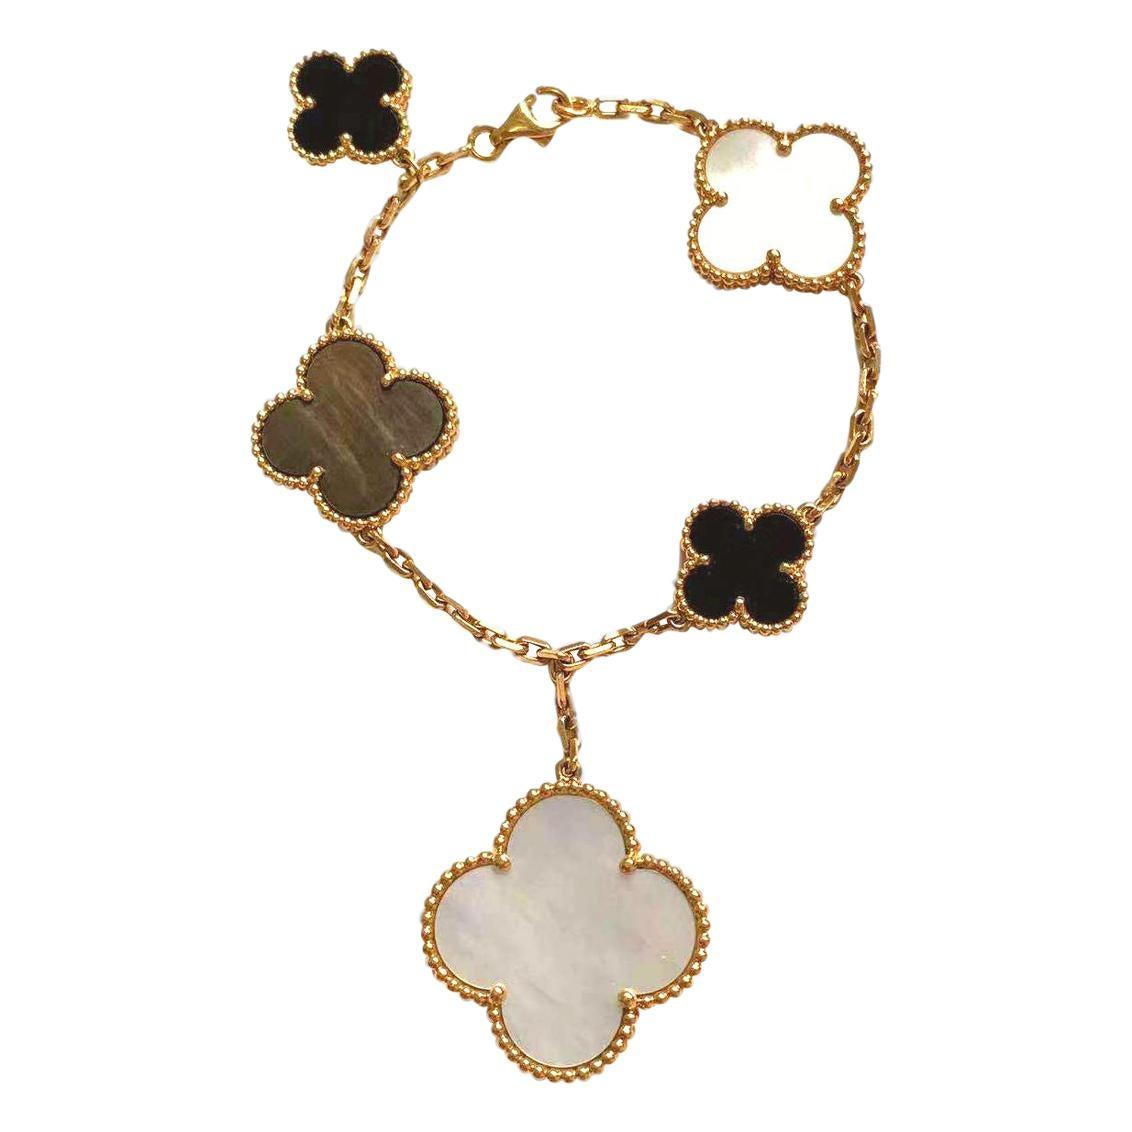 Van Cleef & Arpels 18k 5 Motif Onyx Mother of Pearl Magic Alhambra Bracelet